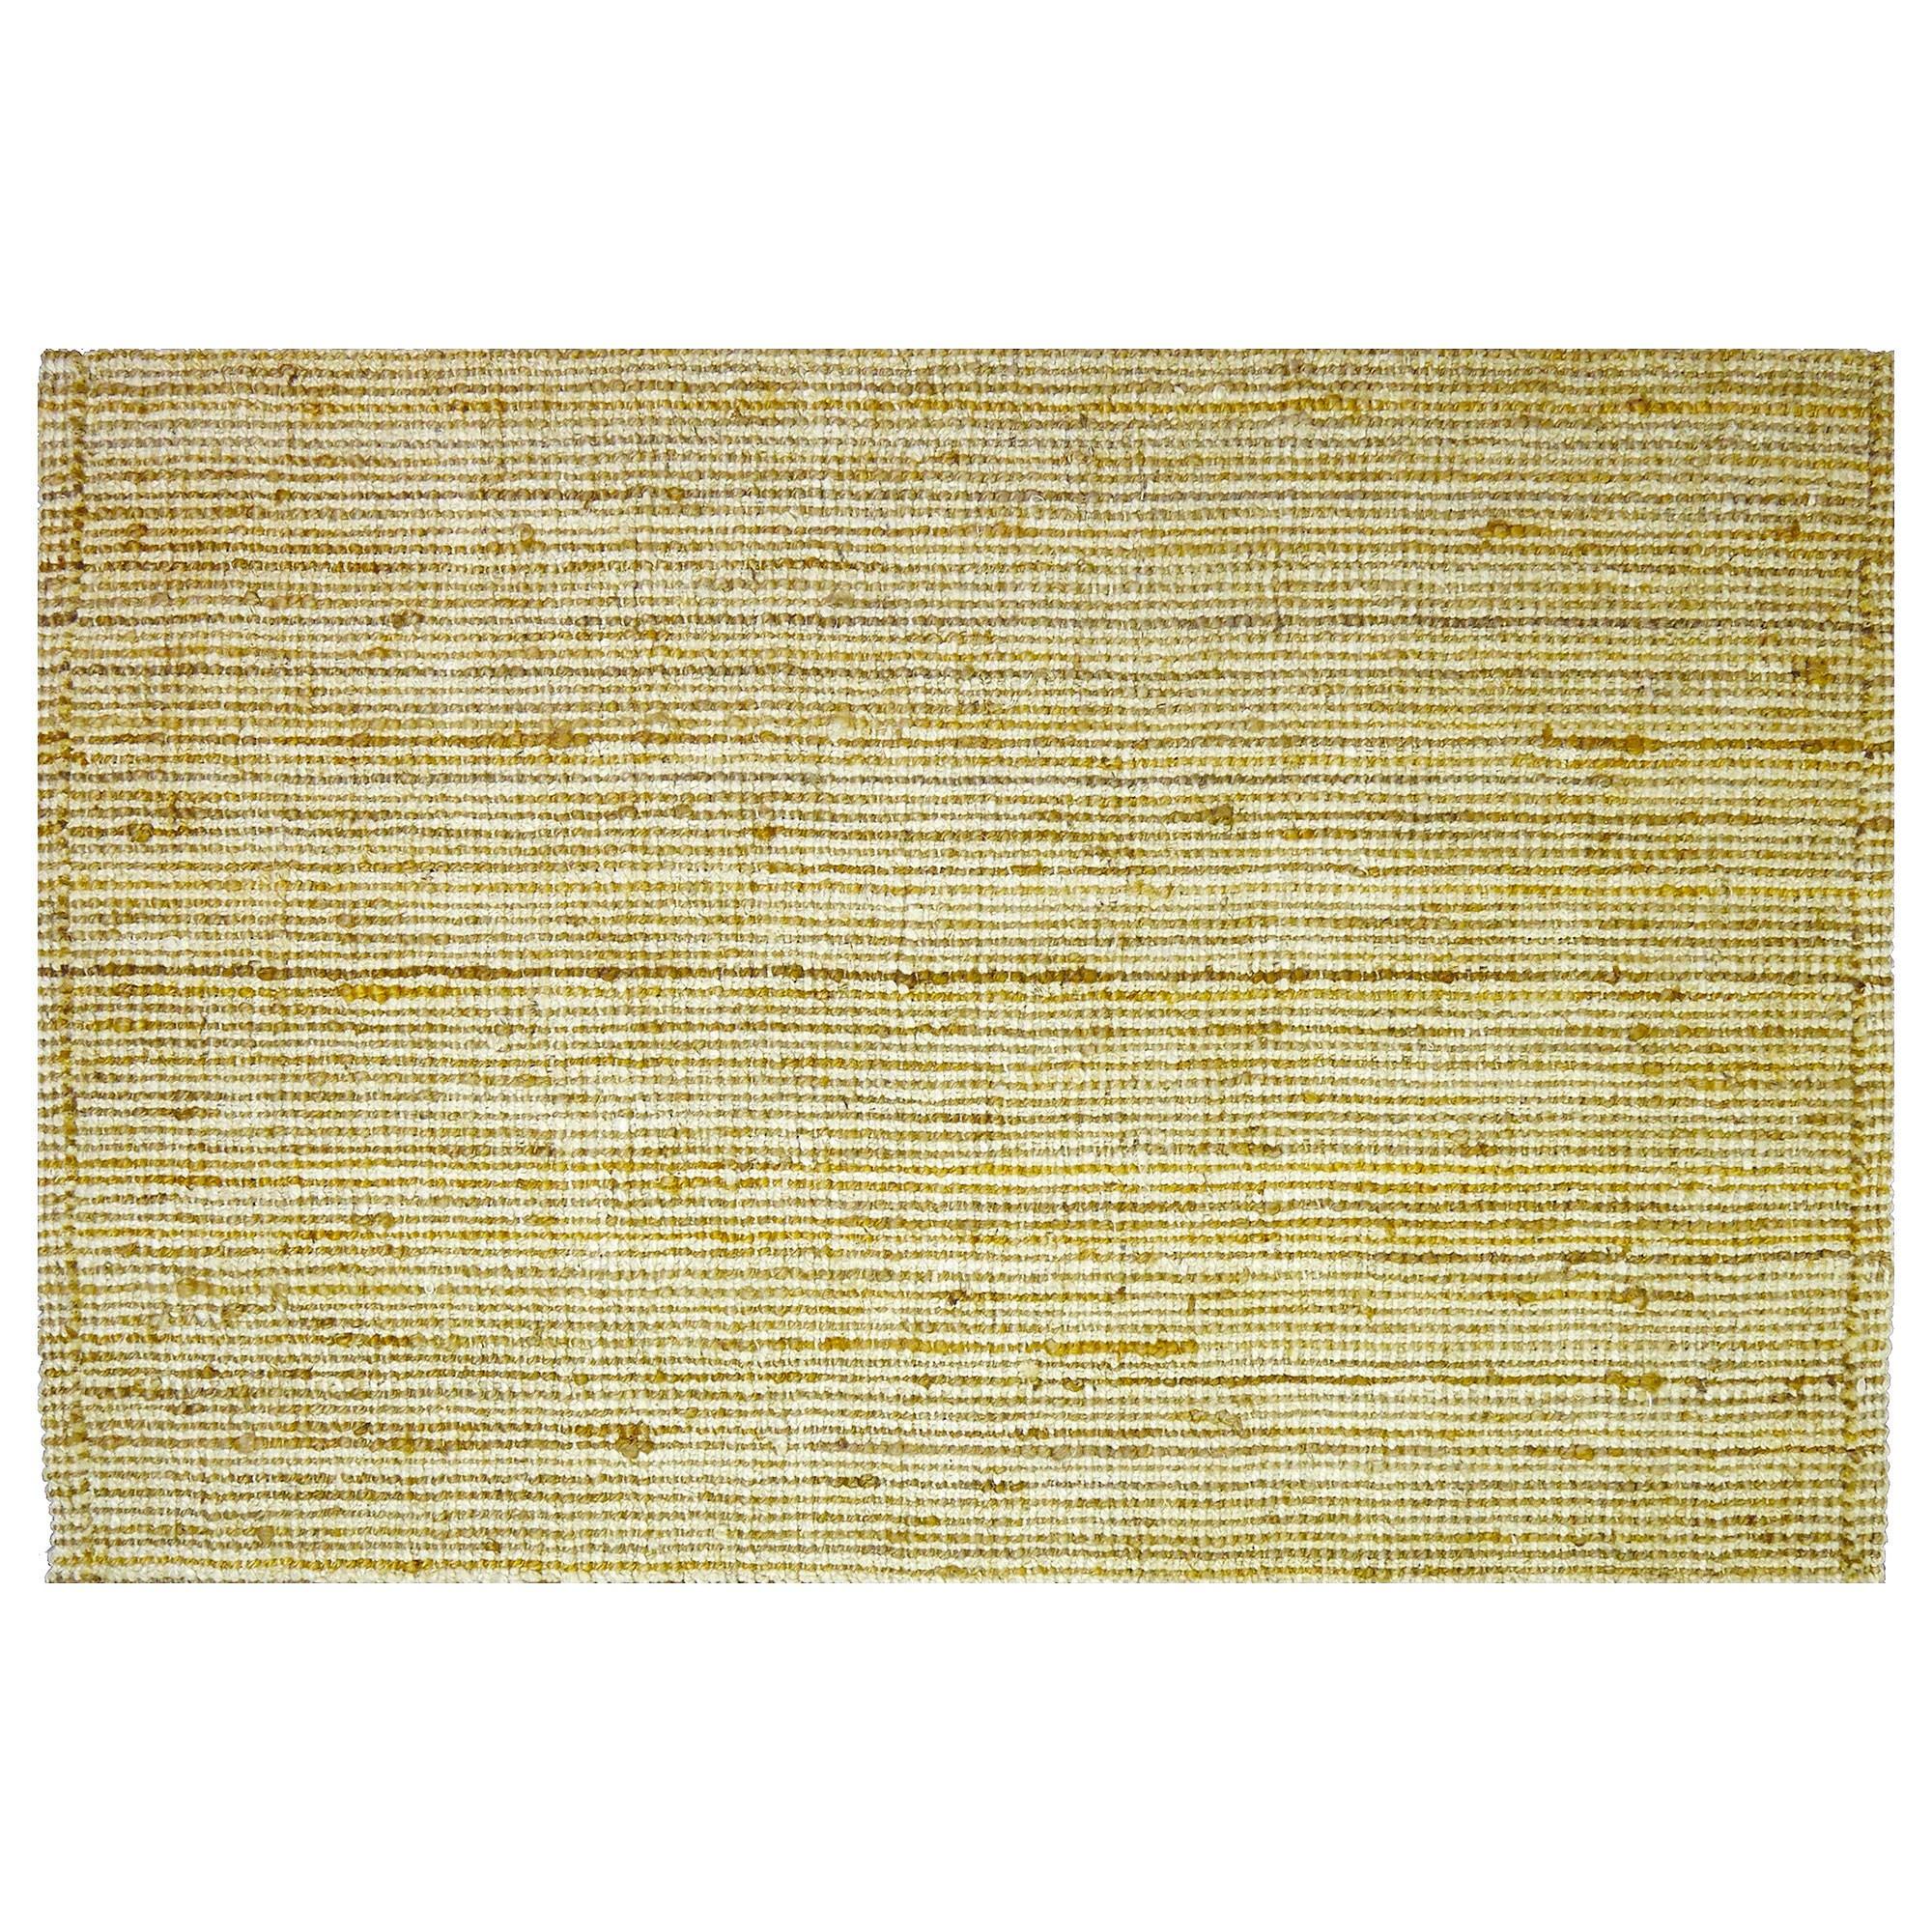 Bouclay Handspun Jute Rug, 220x150cm, Natural / Gold